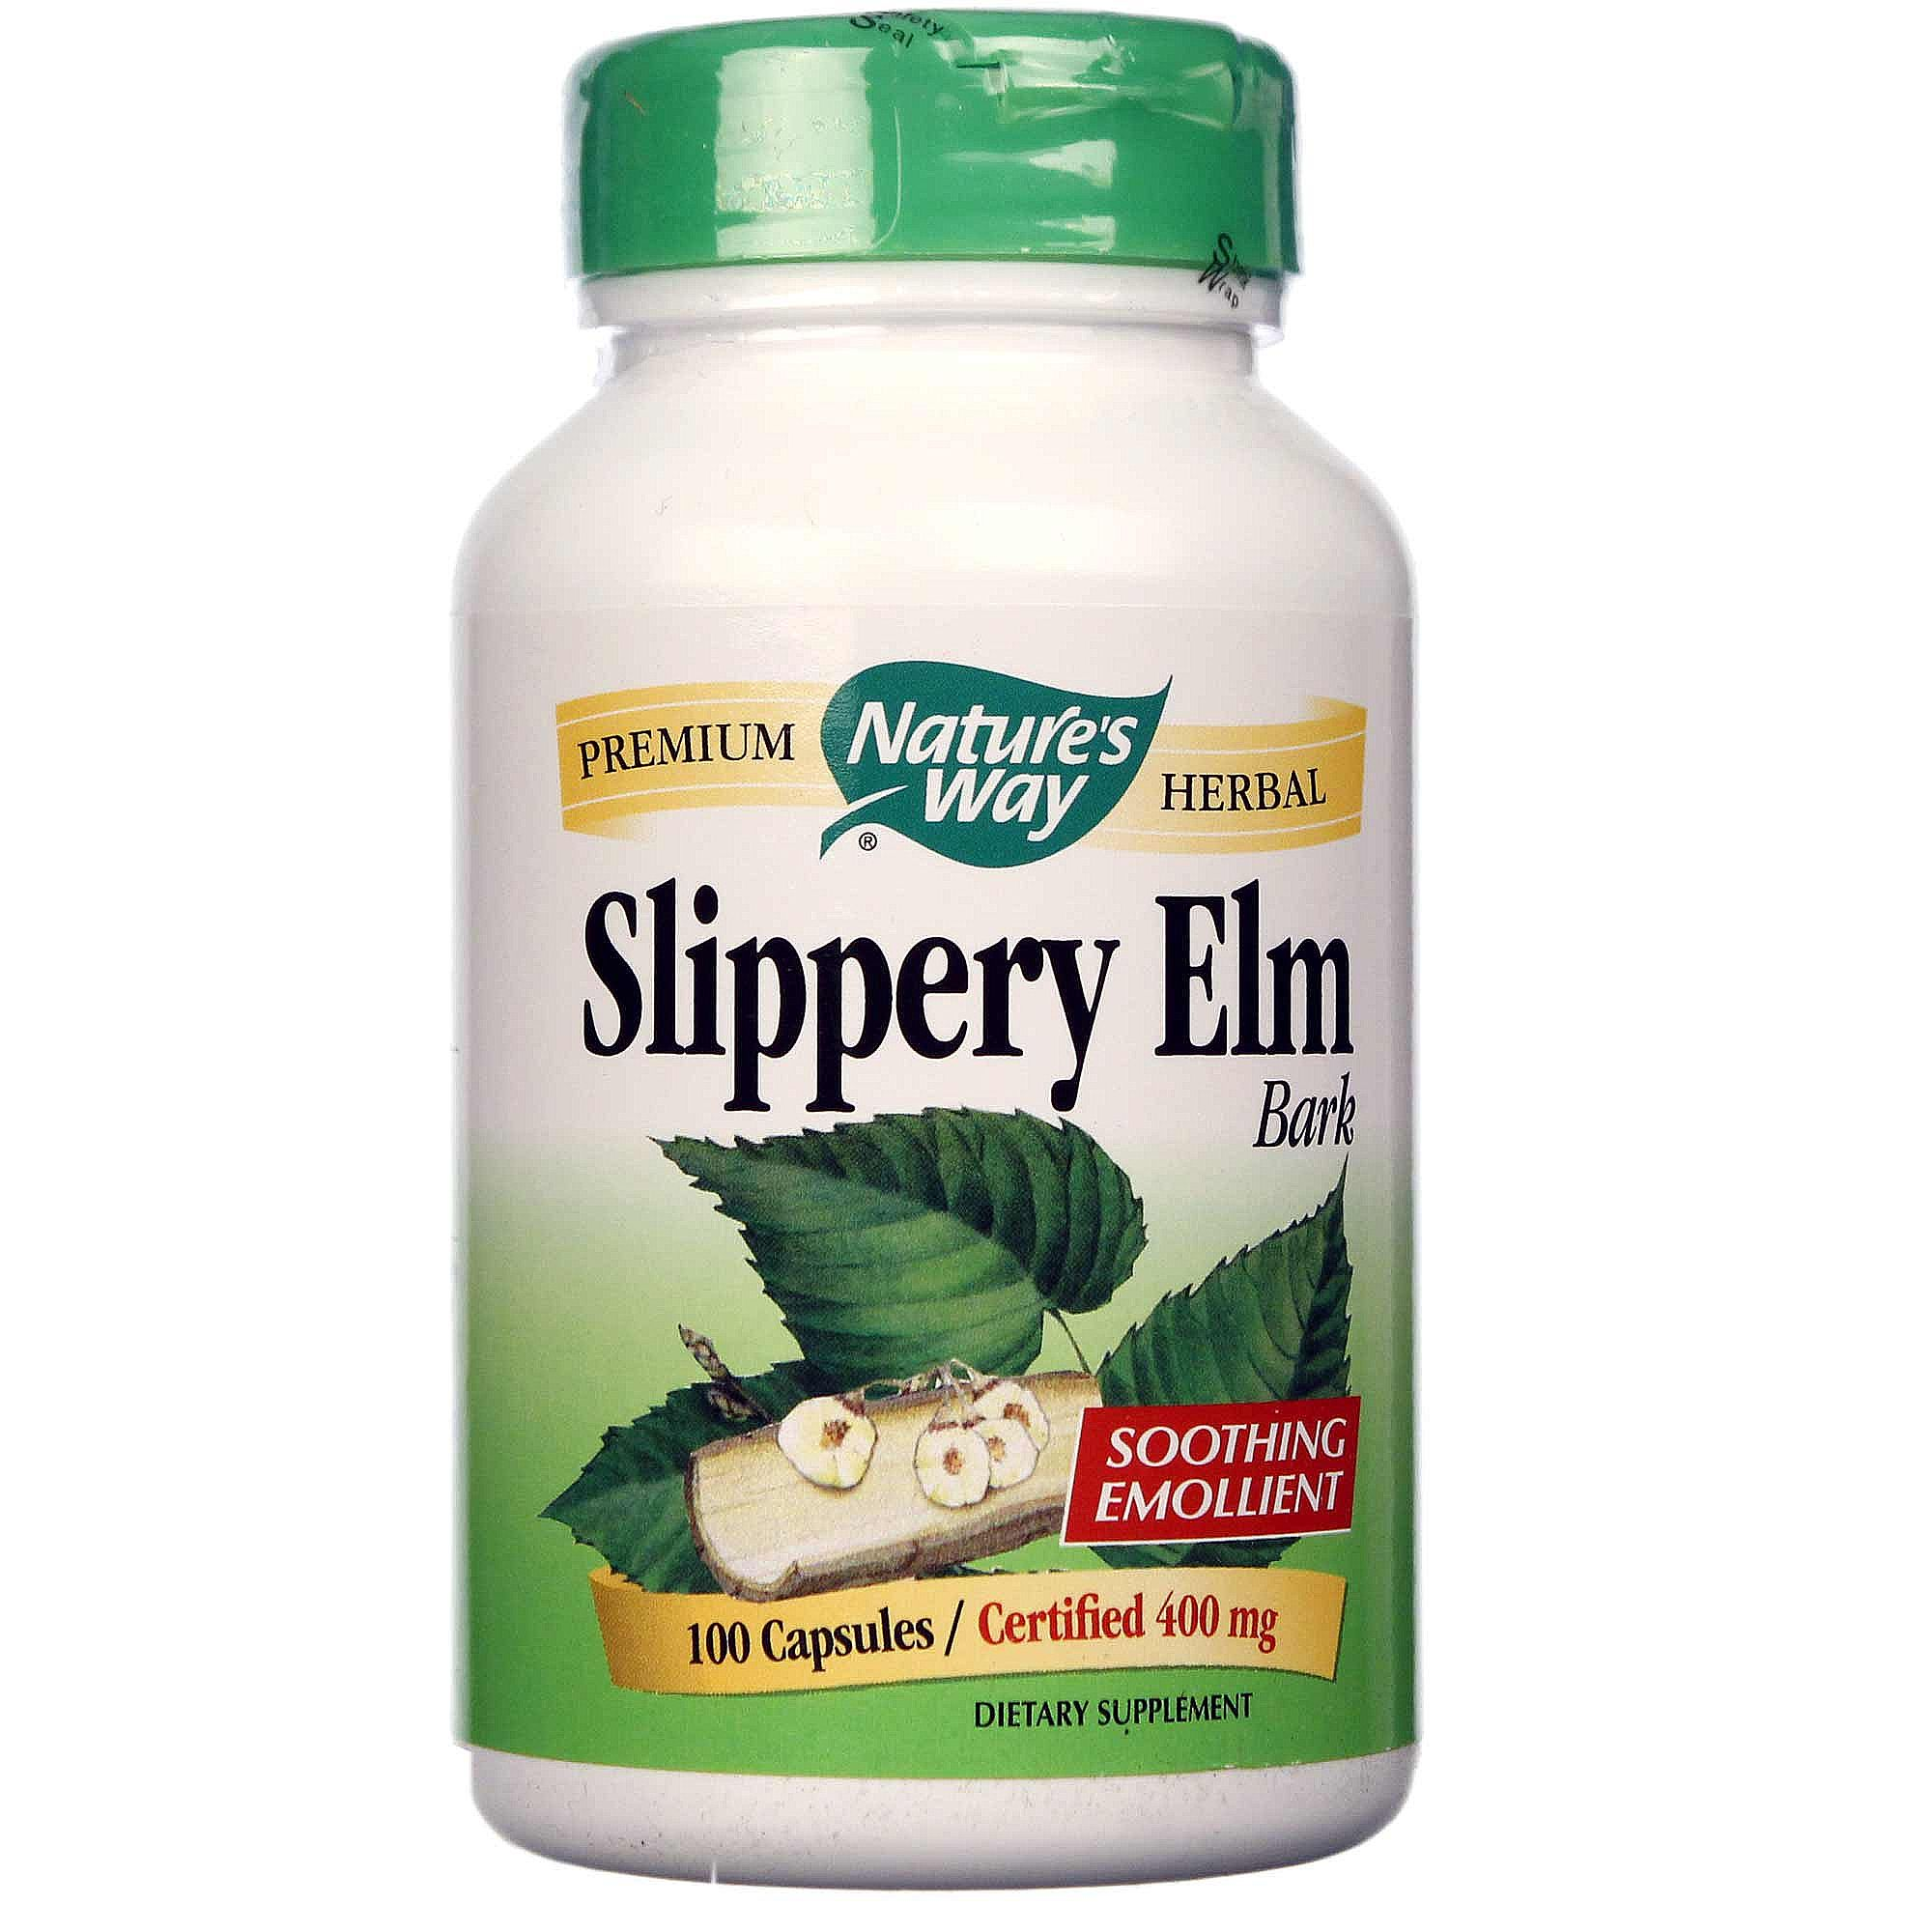 """عشب الدردار الاحمر """" Slippery Elm """" لعلاج الإلتهابات المعوية - المرسال"""